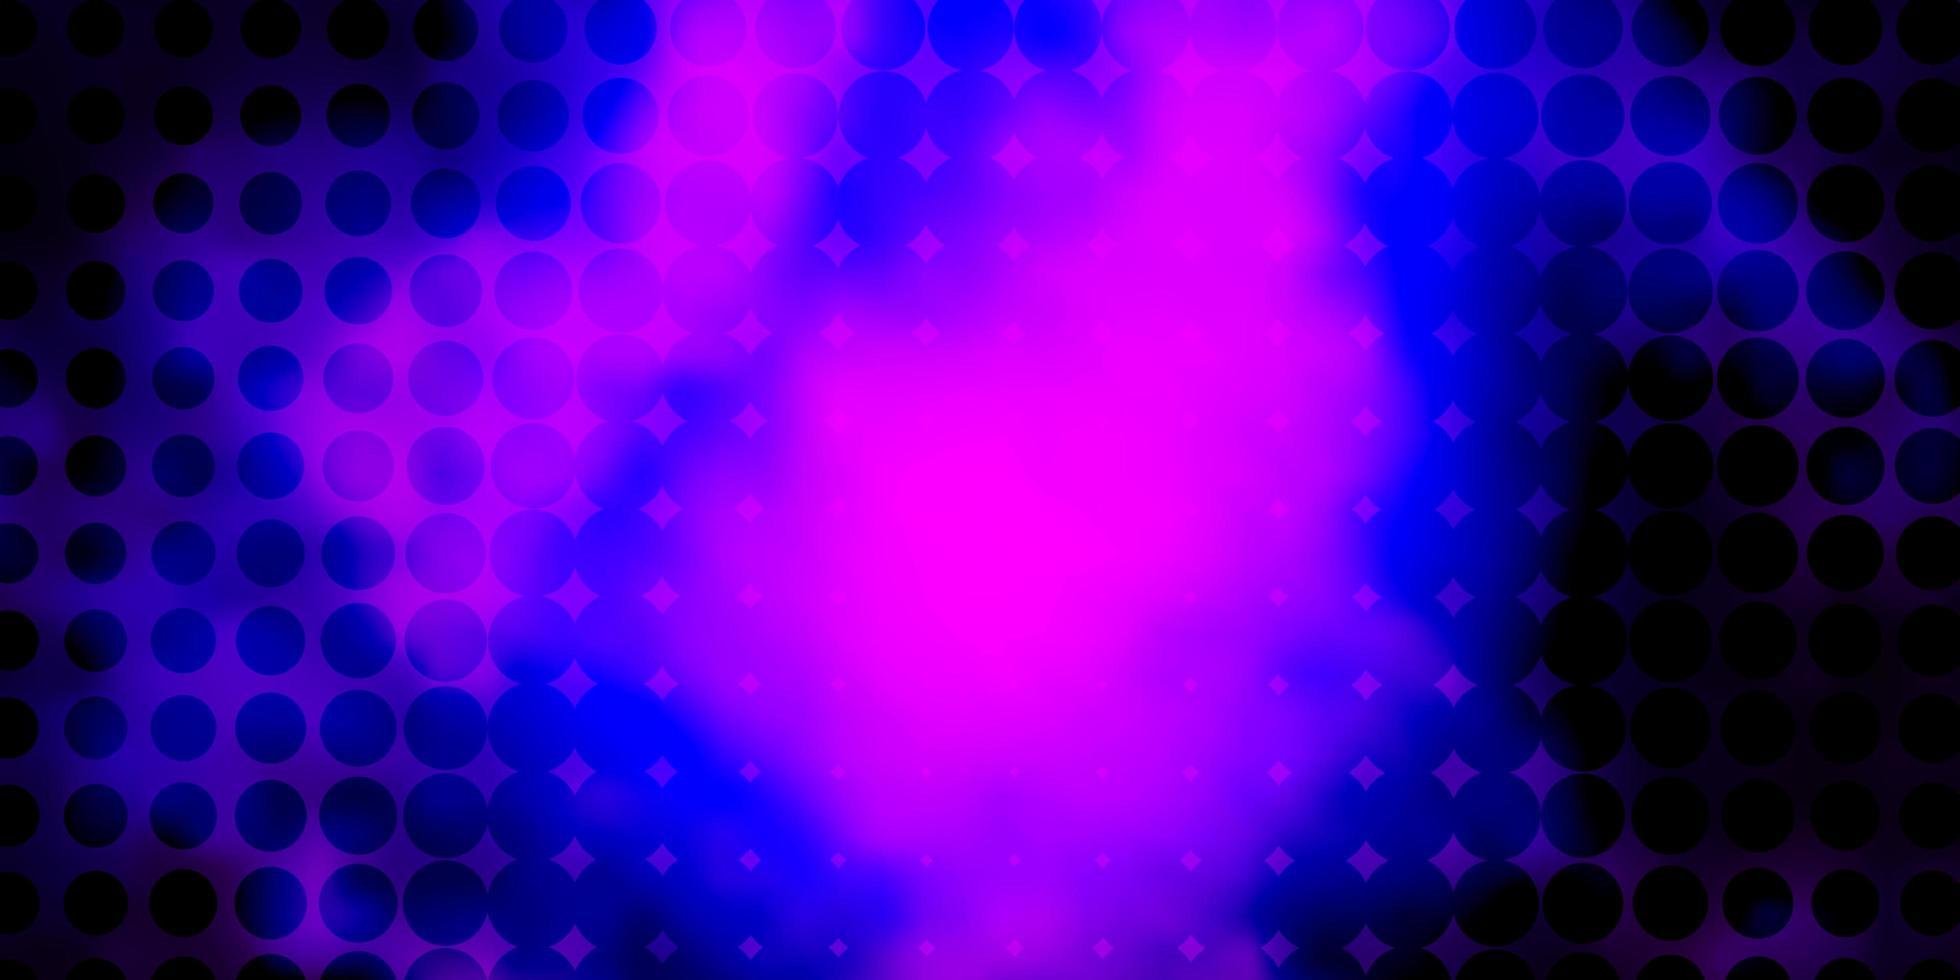 mörk lila vektor bakgrund med cirklar.